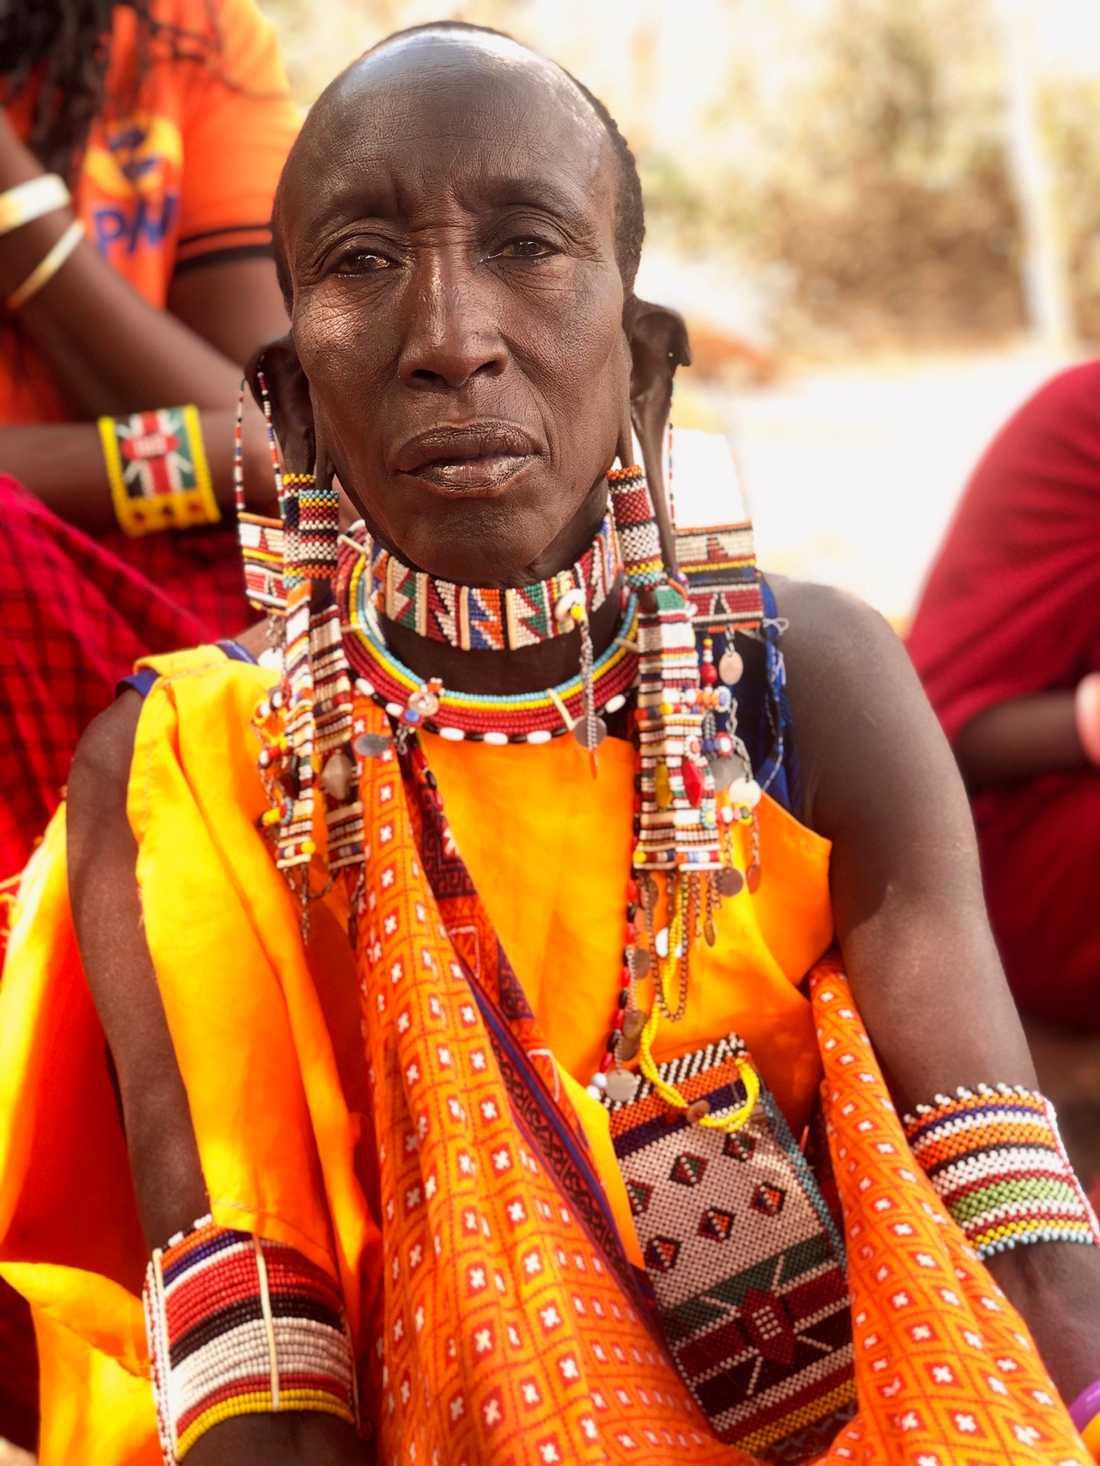 Barnmorskan Linti ene Sampue brukade vara stolt över att kunna utföra könsstympningar. Nu mår hon dåligt över den skada hon orsakat flickorna.